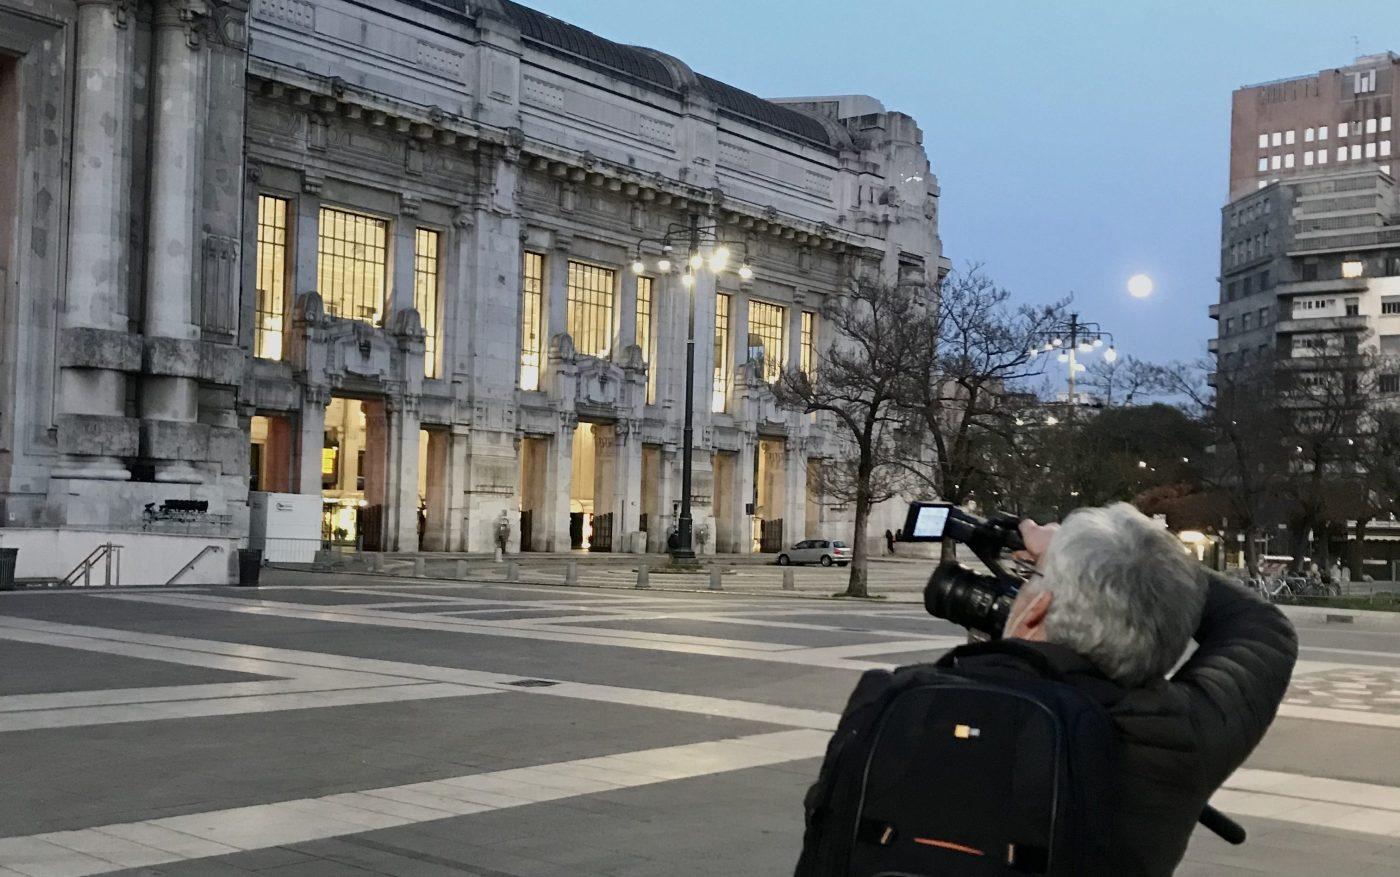 видеооператор в Милане.